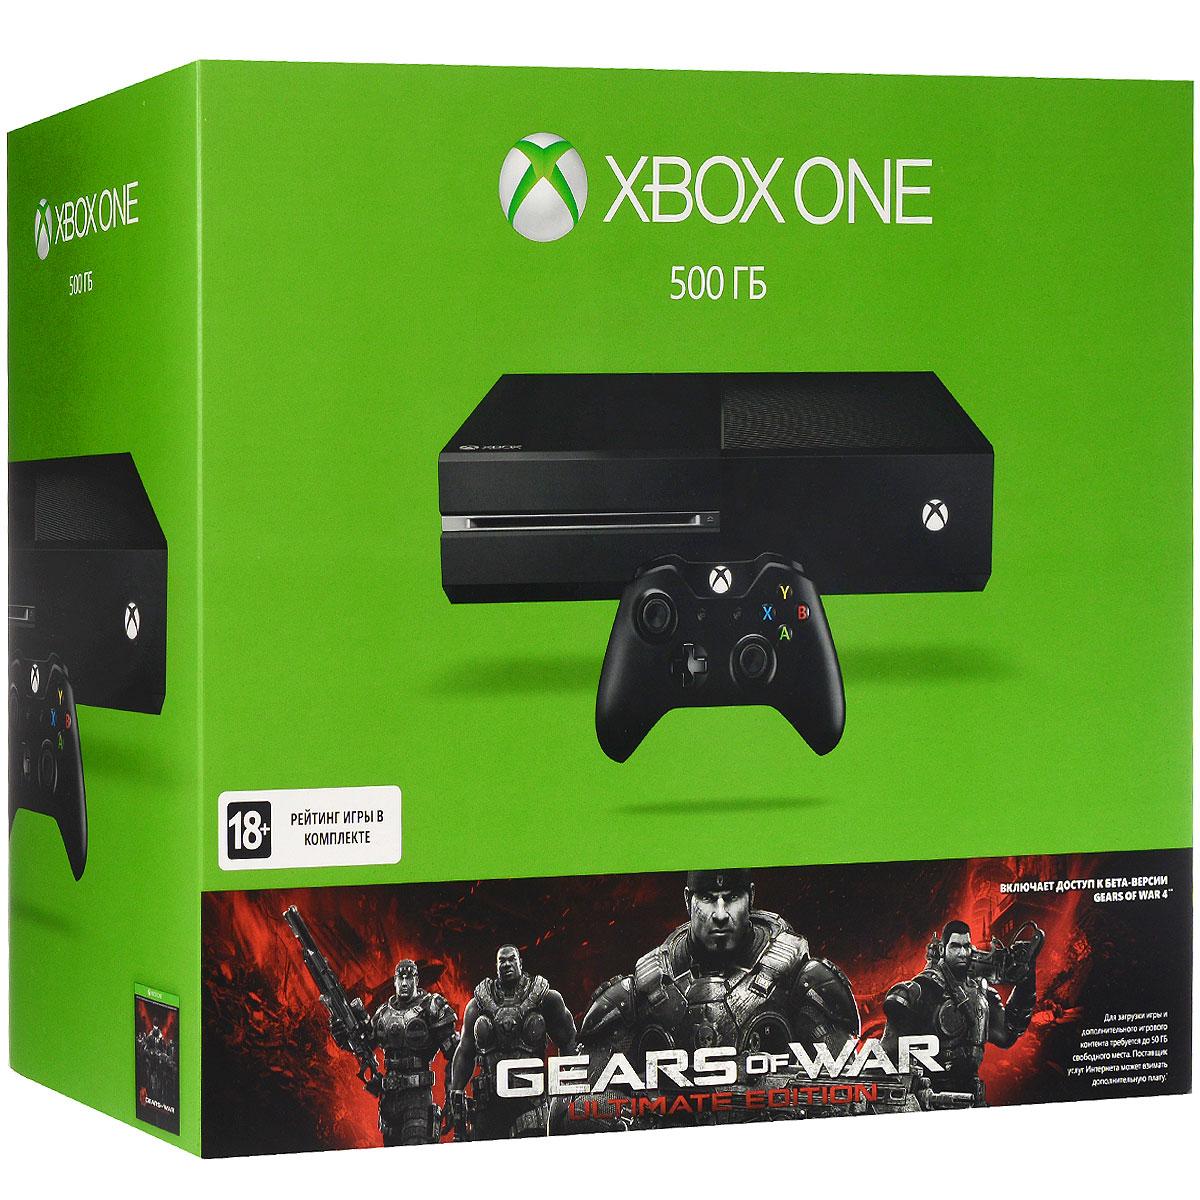 Игровая приставка Xbox One 500 ГБ + Gears of War: Ultimate Edition5C6-00110Xbox One - игровая консоль компании Microsoft c лучшими играми и самым продвинутым мультиплеером за всю историю Xbox. Благодаря регулярным обновлениям и улучшениям Xbox One дает больше возможностей в любимых играх. С помощью стриминга можно играть в игры с Xbox One на любом домашнем ПК или планшете с Windows 10. Не забудьте приобрести подписку Xbox Live Gold (https://www.ozon.ru/context/detail/id/7102216/?item=28577322). В комплекте: игровая консоль нового поколения Microsoft Xbox One c жестким диском 500 ГБ, беспроводным геймпадом, гарнитурой, кабелем HDM и кодами для загрузки игры Geard of War (полностью на русском) и скина Суперзвезда Коул для сетевой игры. Плюс 14 дней пробной подписки Xbox Live Gold. 4 причины купить Xbox One: Лучшая линейка игр в истории Xbox. Играйте в такие эксклюзивы, как Halo 5: Guardians, Forza Motorsport 6, Gears of War: Ultimate Edition и Quantum Break. Приобретите такие блокбастеры, как Fallout 4, FIFA 16 и...